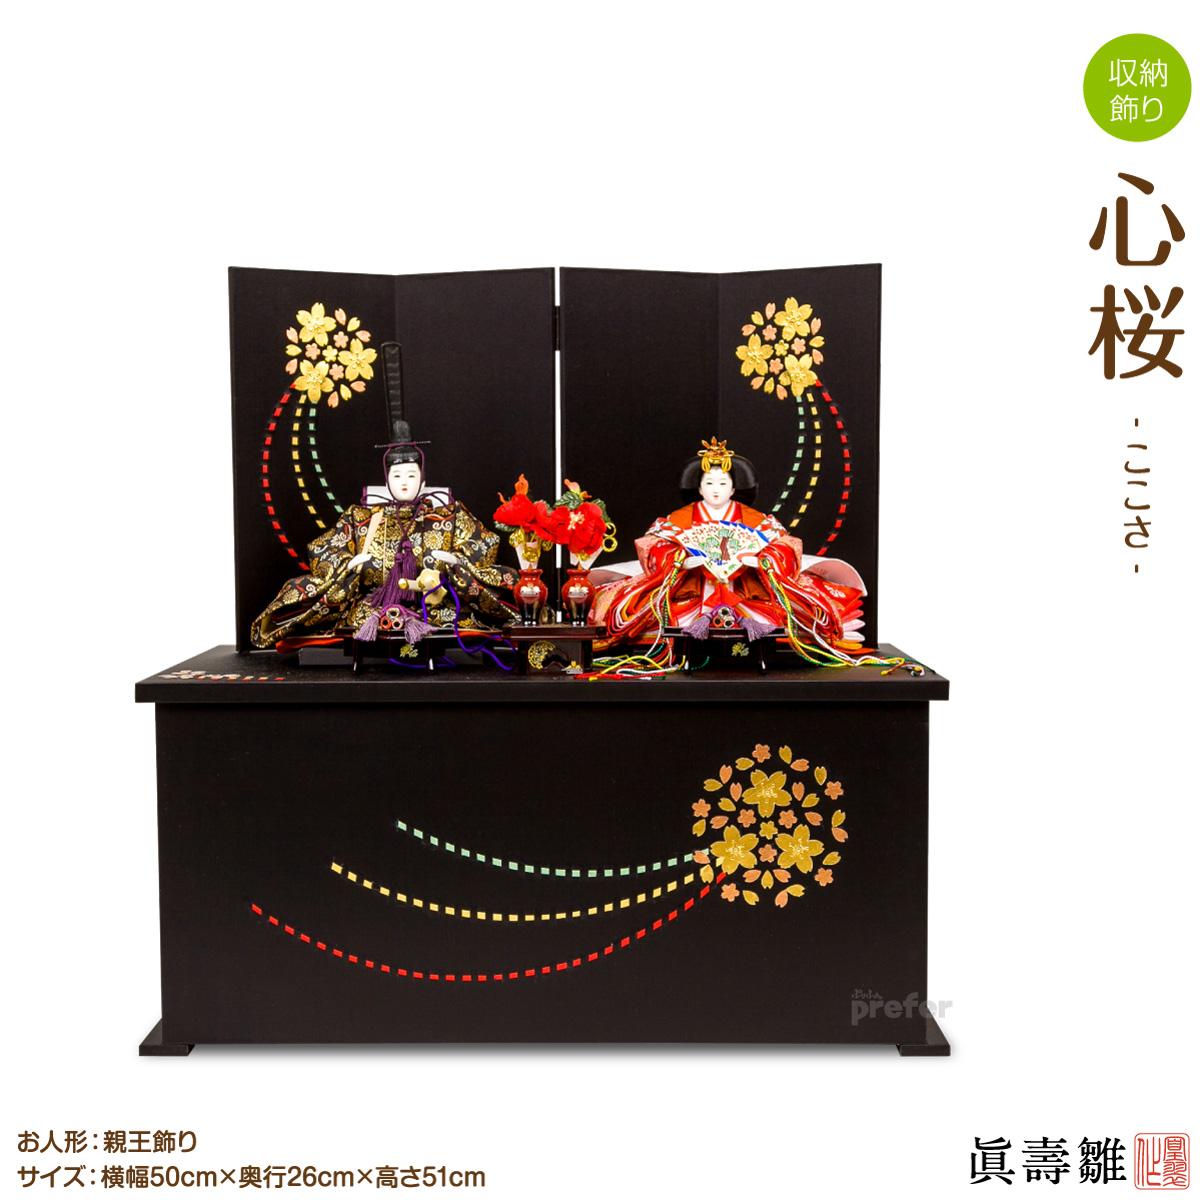 雛人形 収納飾り ひな人形 収納スペース付眞壽雛心桜(ここさ) コンパクト 収納雛 特選